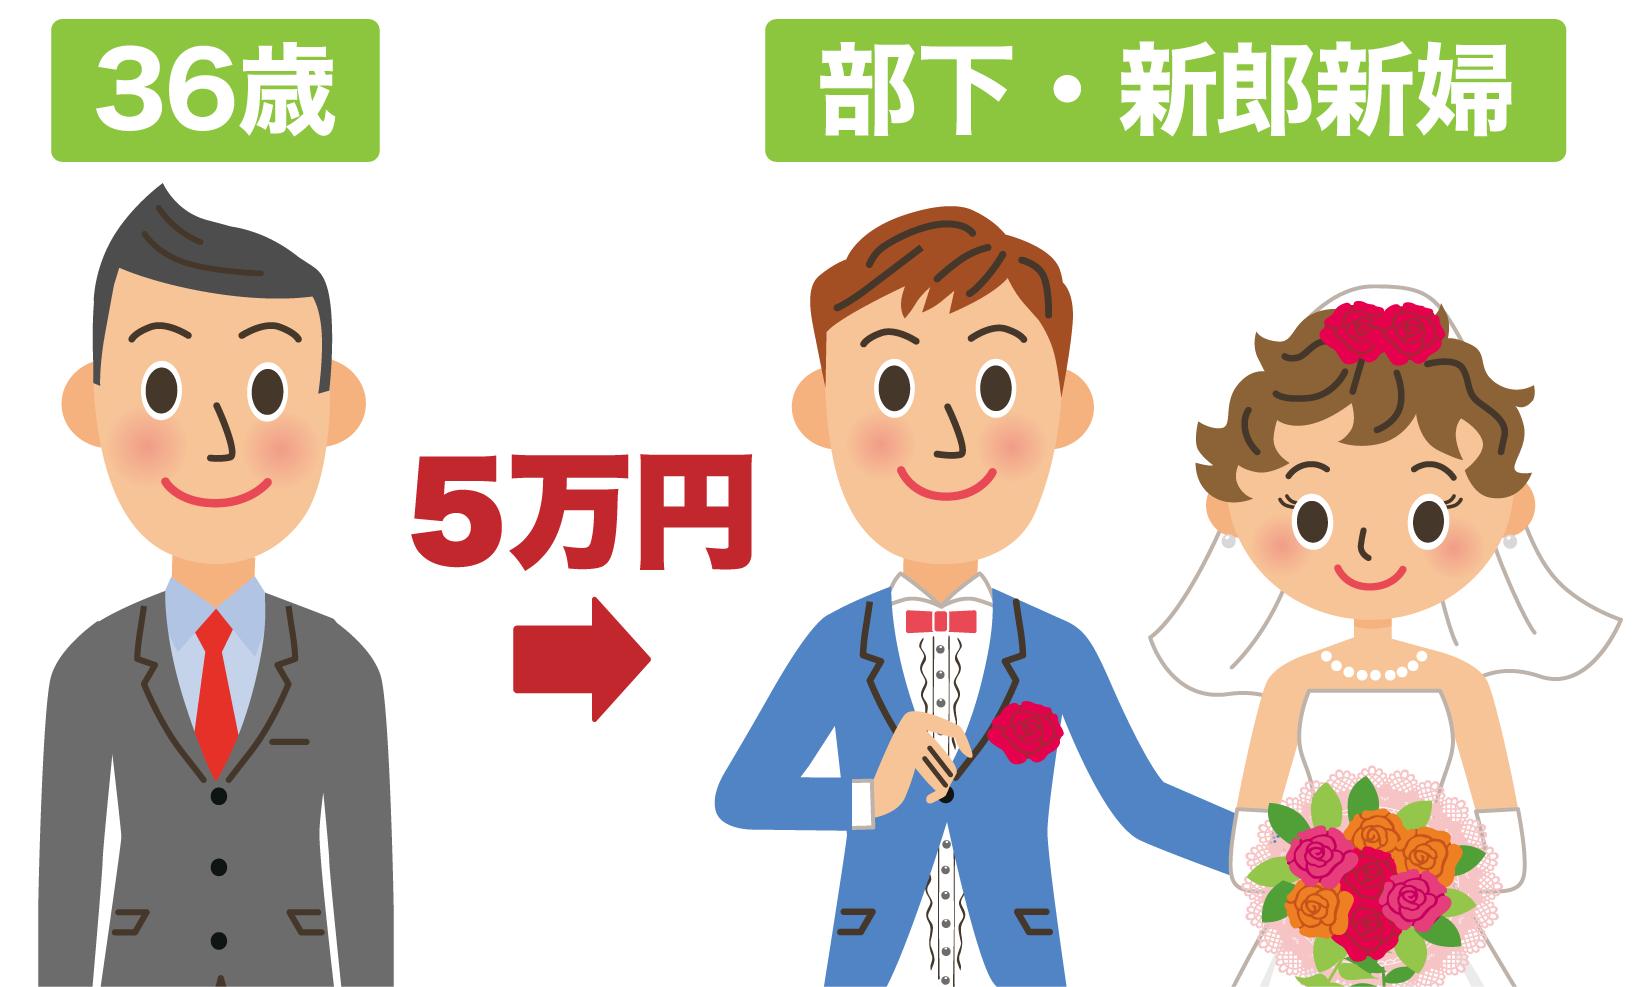 36歳の人が部下・新郎新婦に渡すご祝儀の定番は5万円